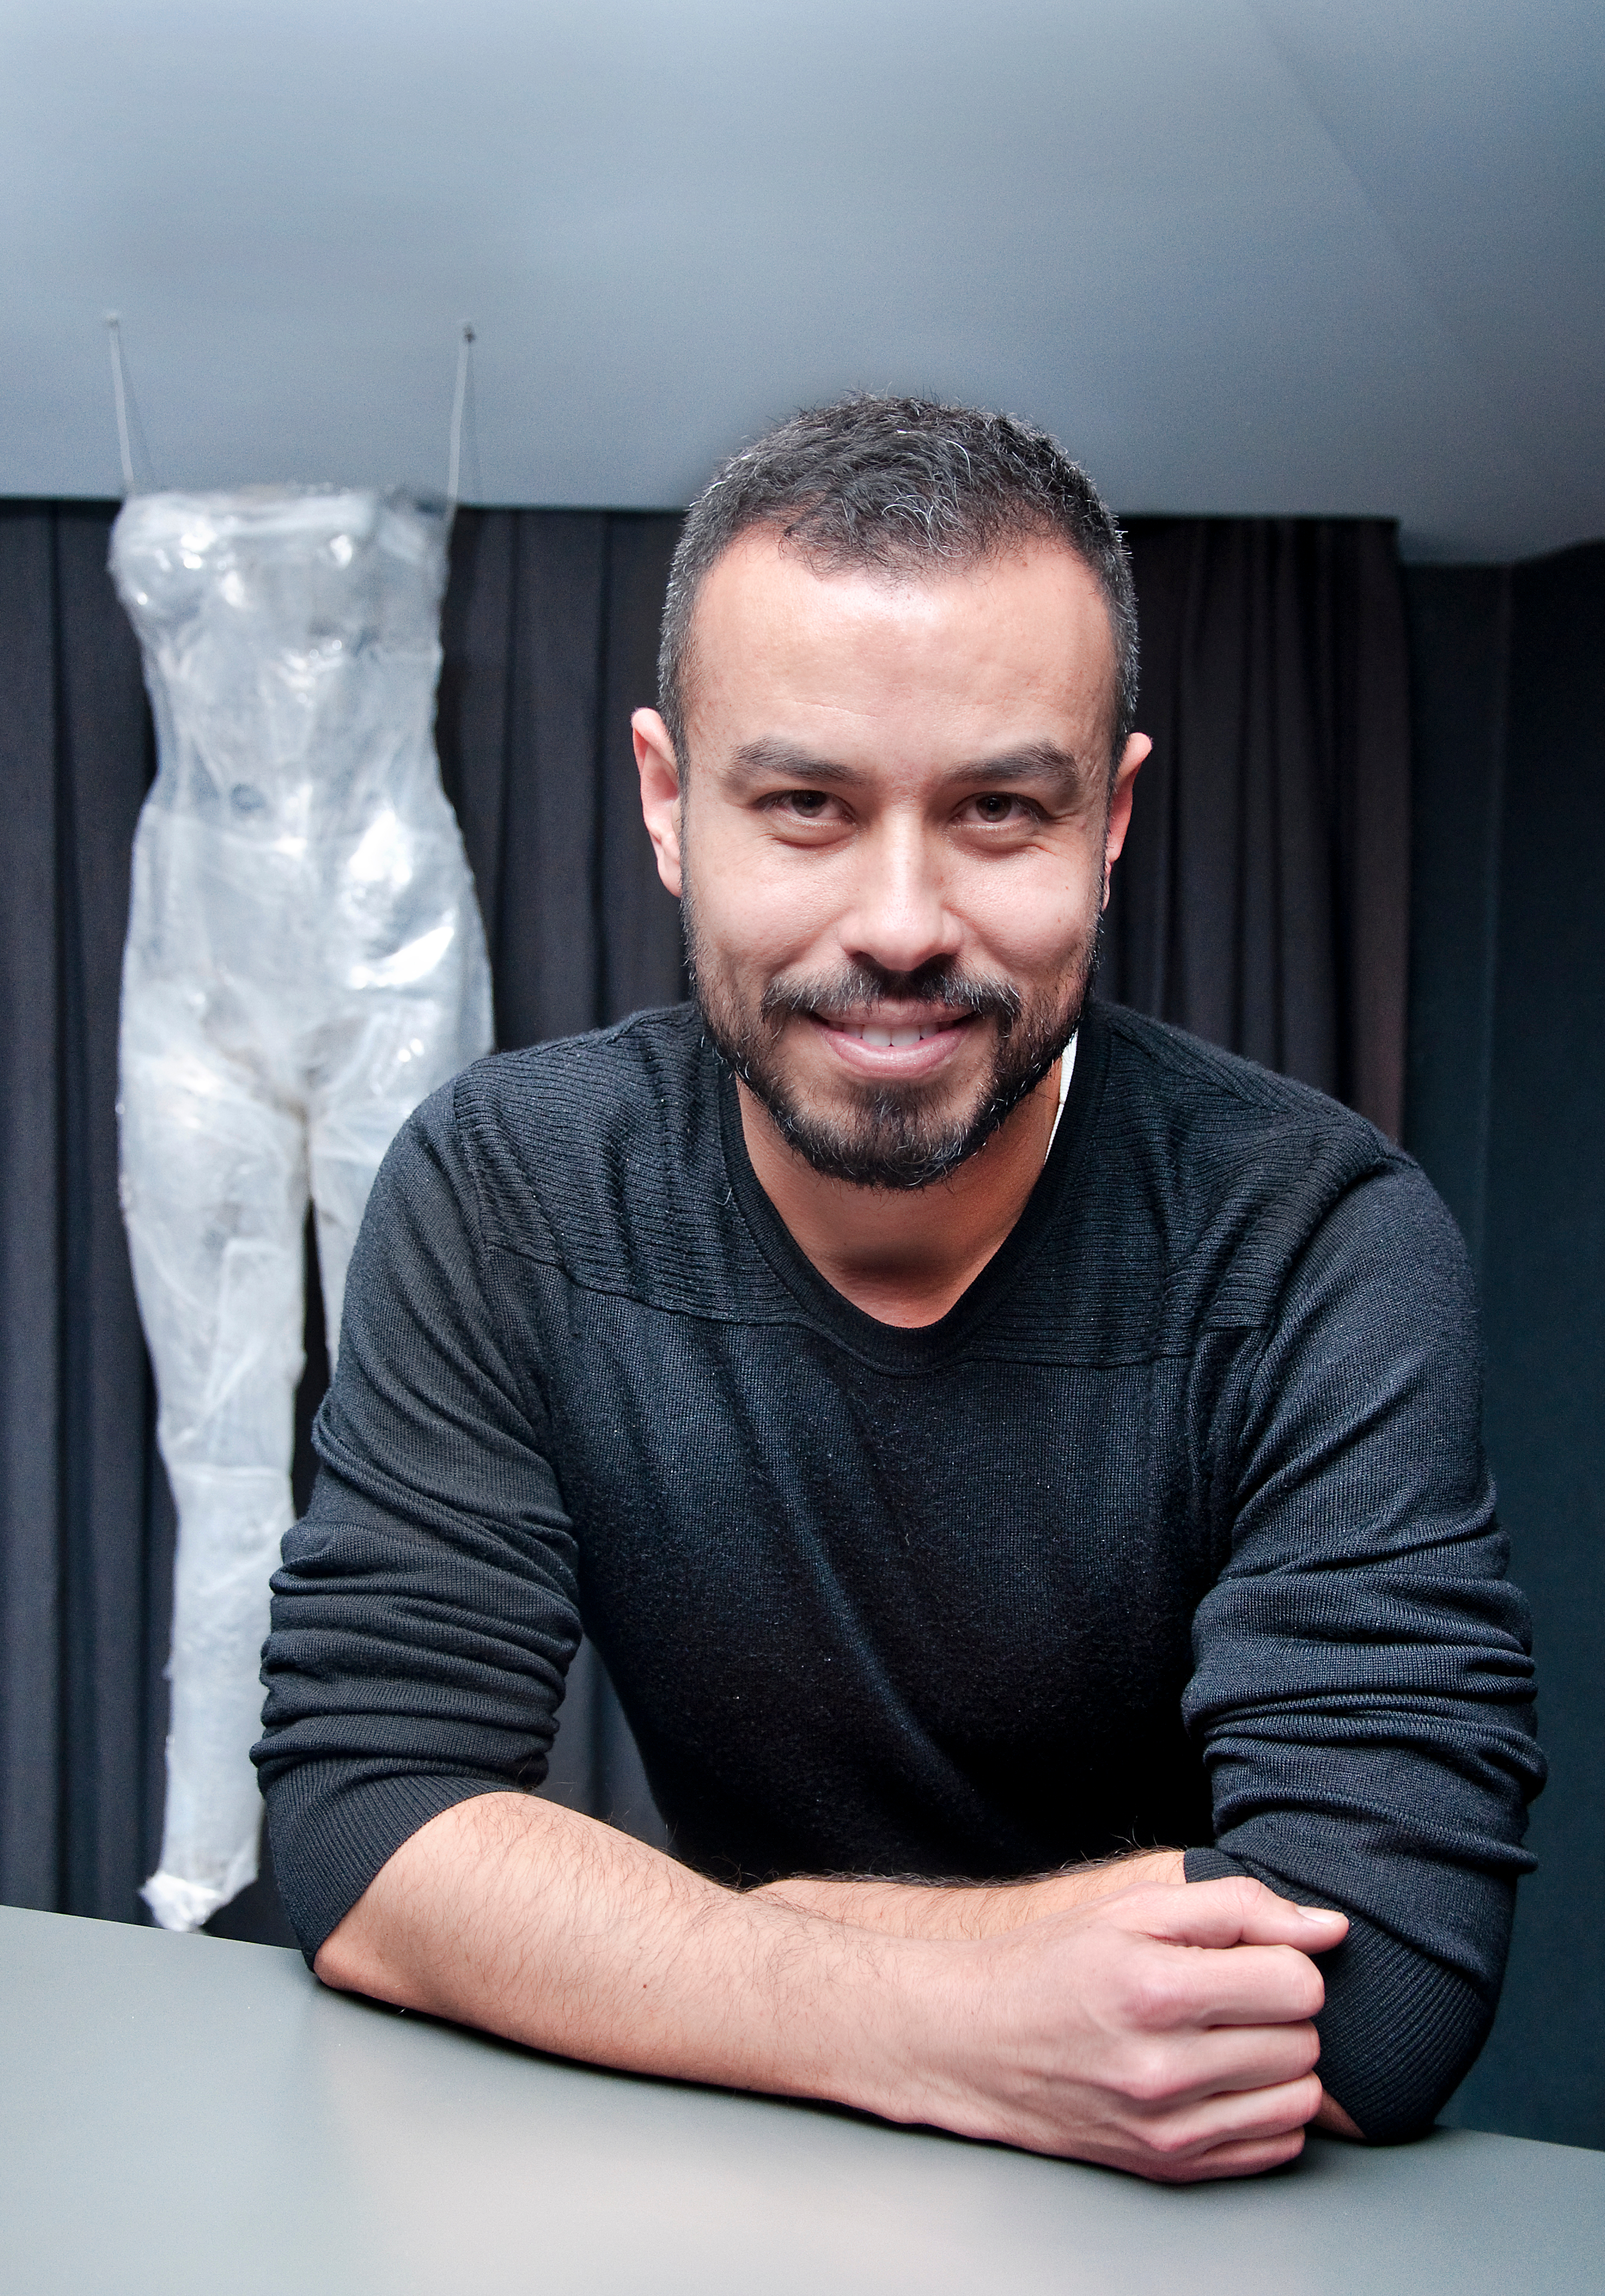 Body-measuring app MySizeID partnered with Turkish designer Niyazi Erdogan to promote the sizing technology during Istanbul's fashion week.